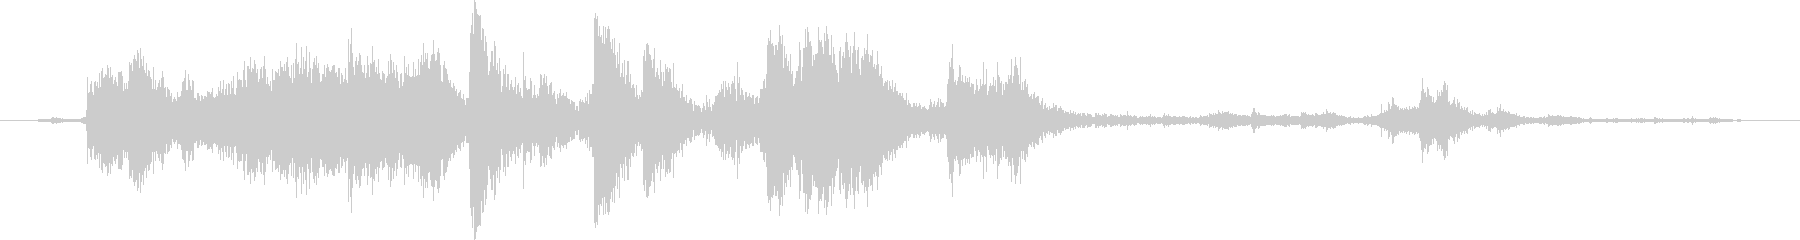 メタル クラッシュミディアム02の未再生の波形